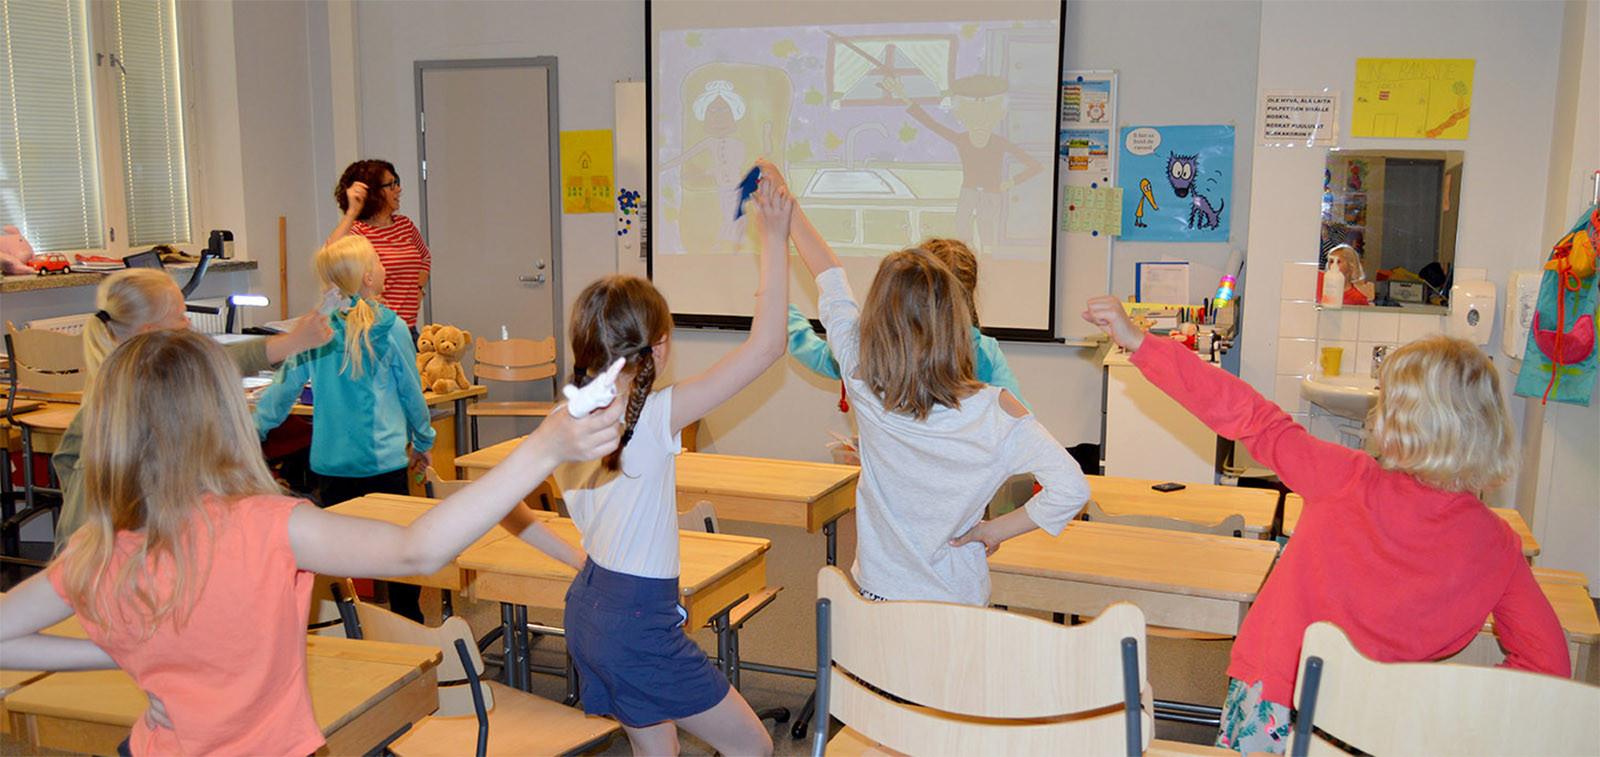 opettaja ja oppilaita luokkahuoneessa